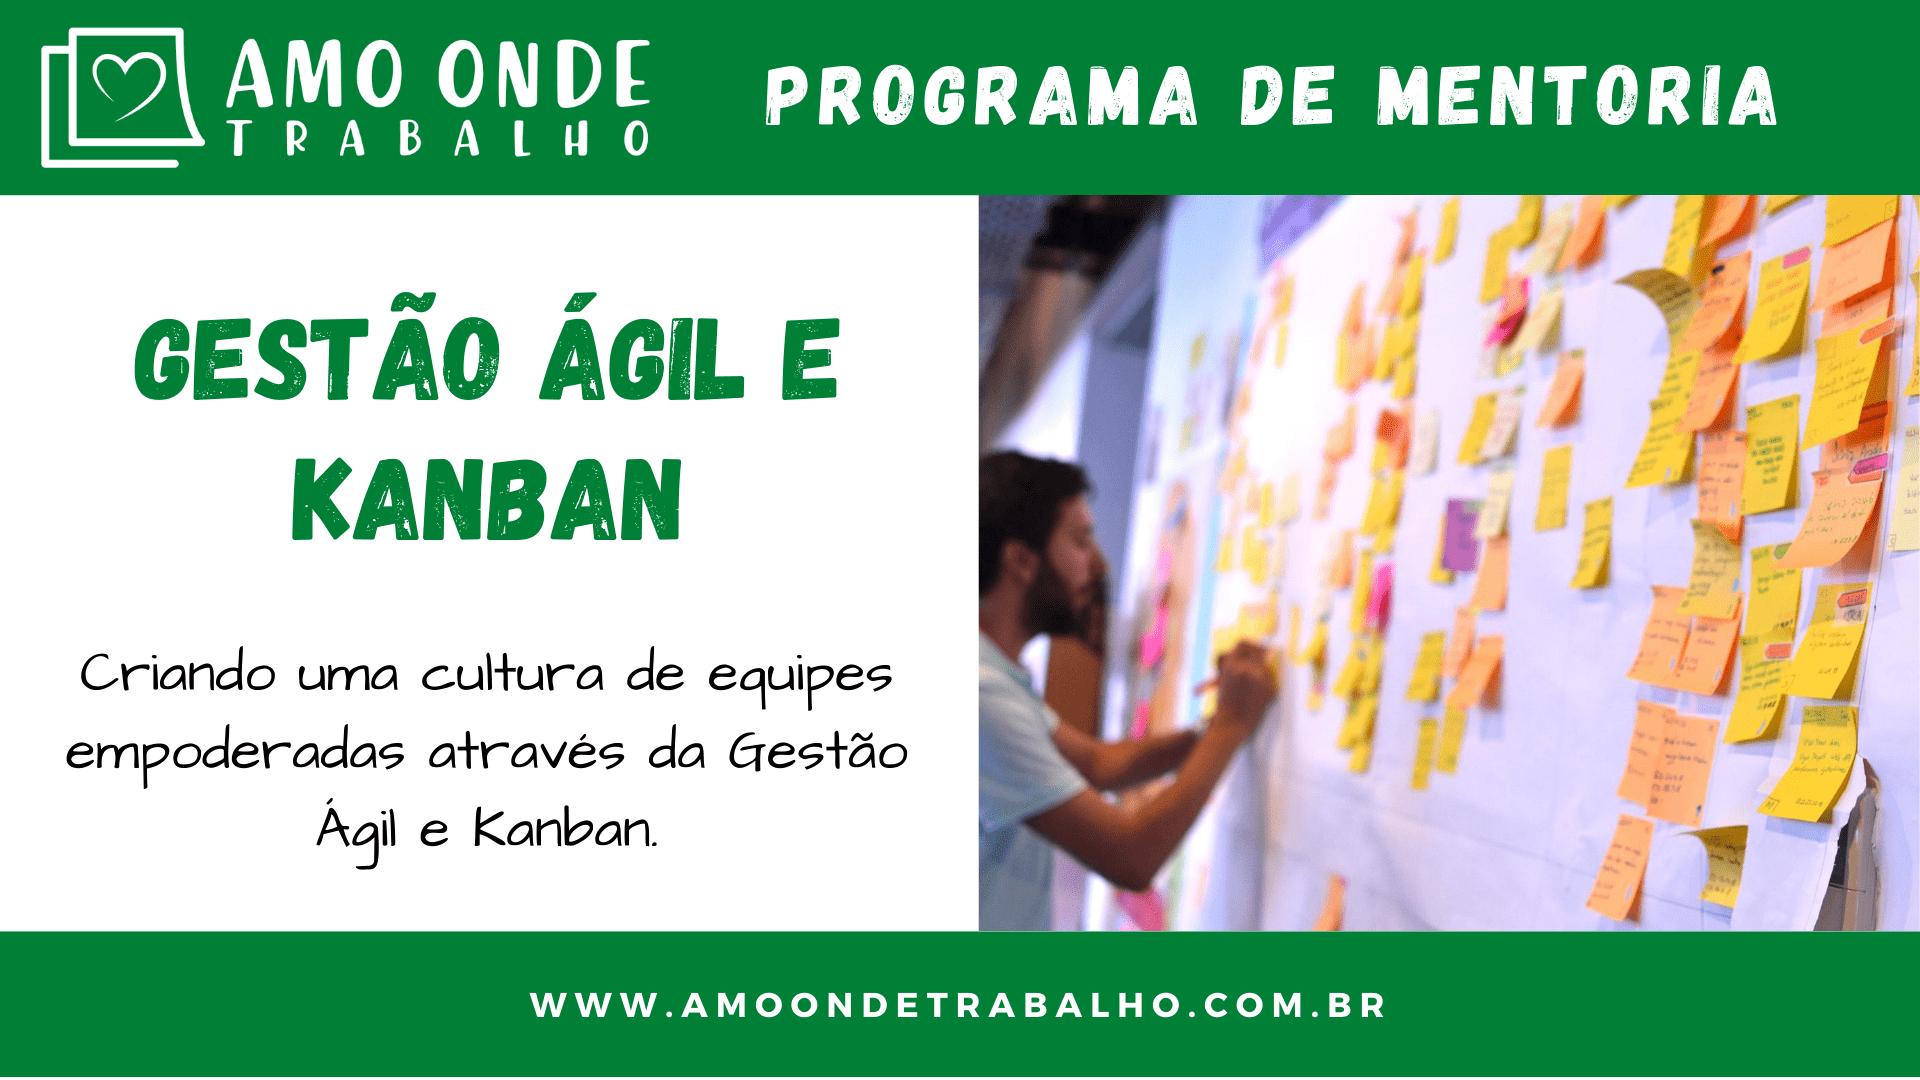 Programa de Mentoria - Gestão Ágil e Kanban